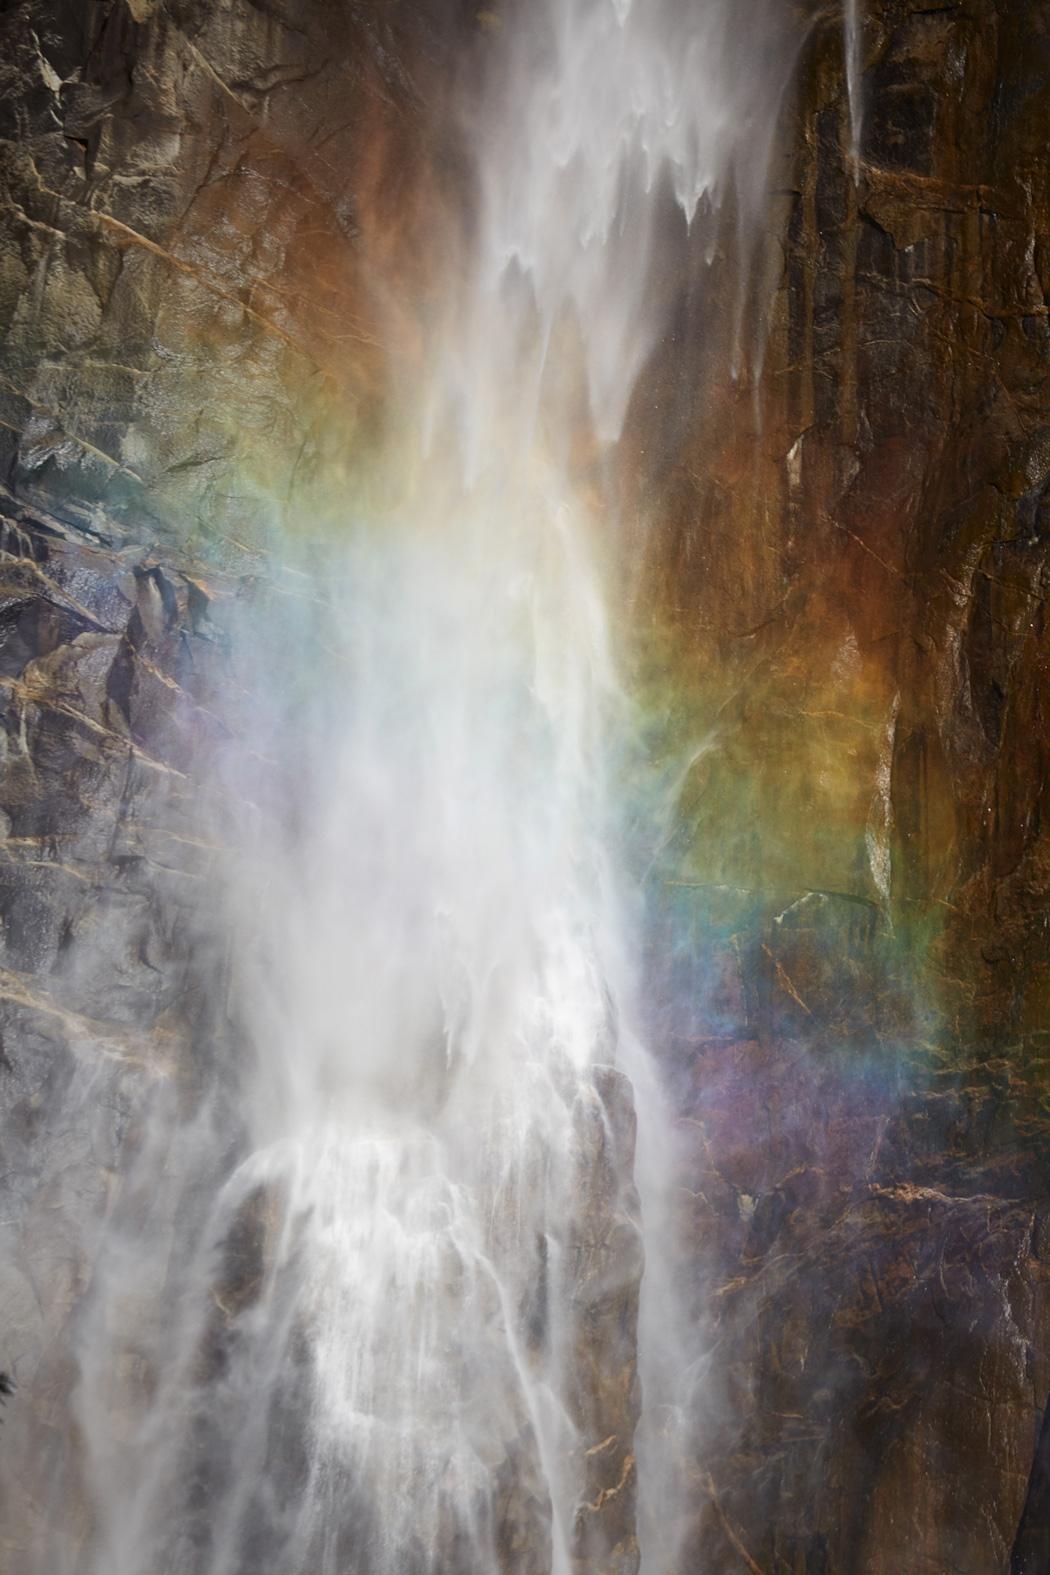 CATHERINE OPIE, Rainbow Falls #2, 2015